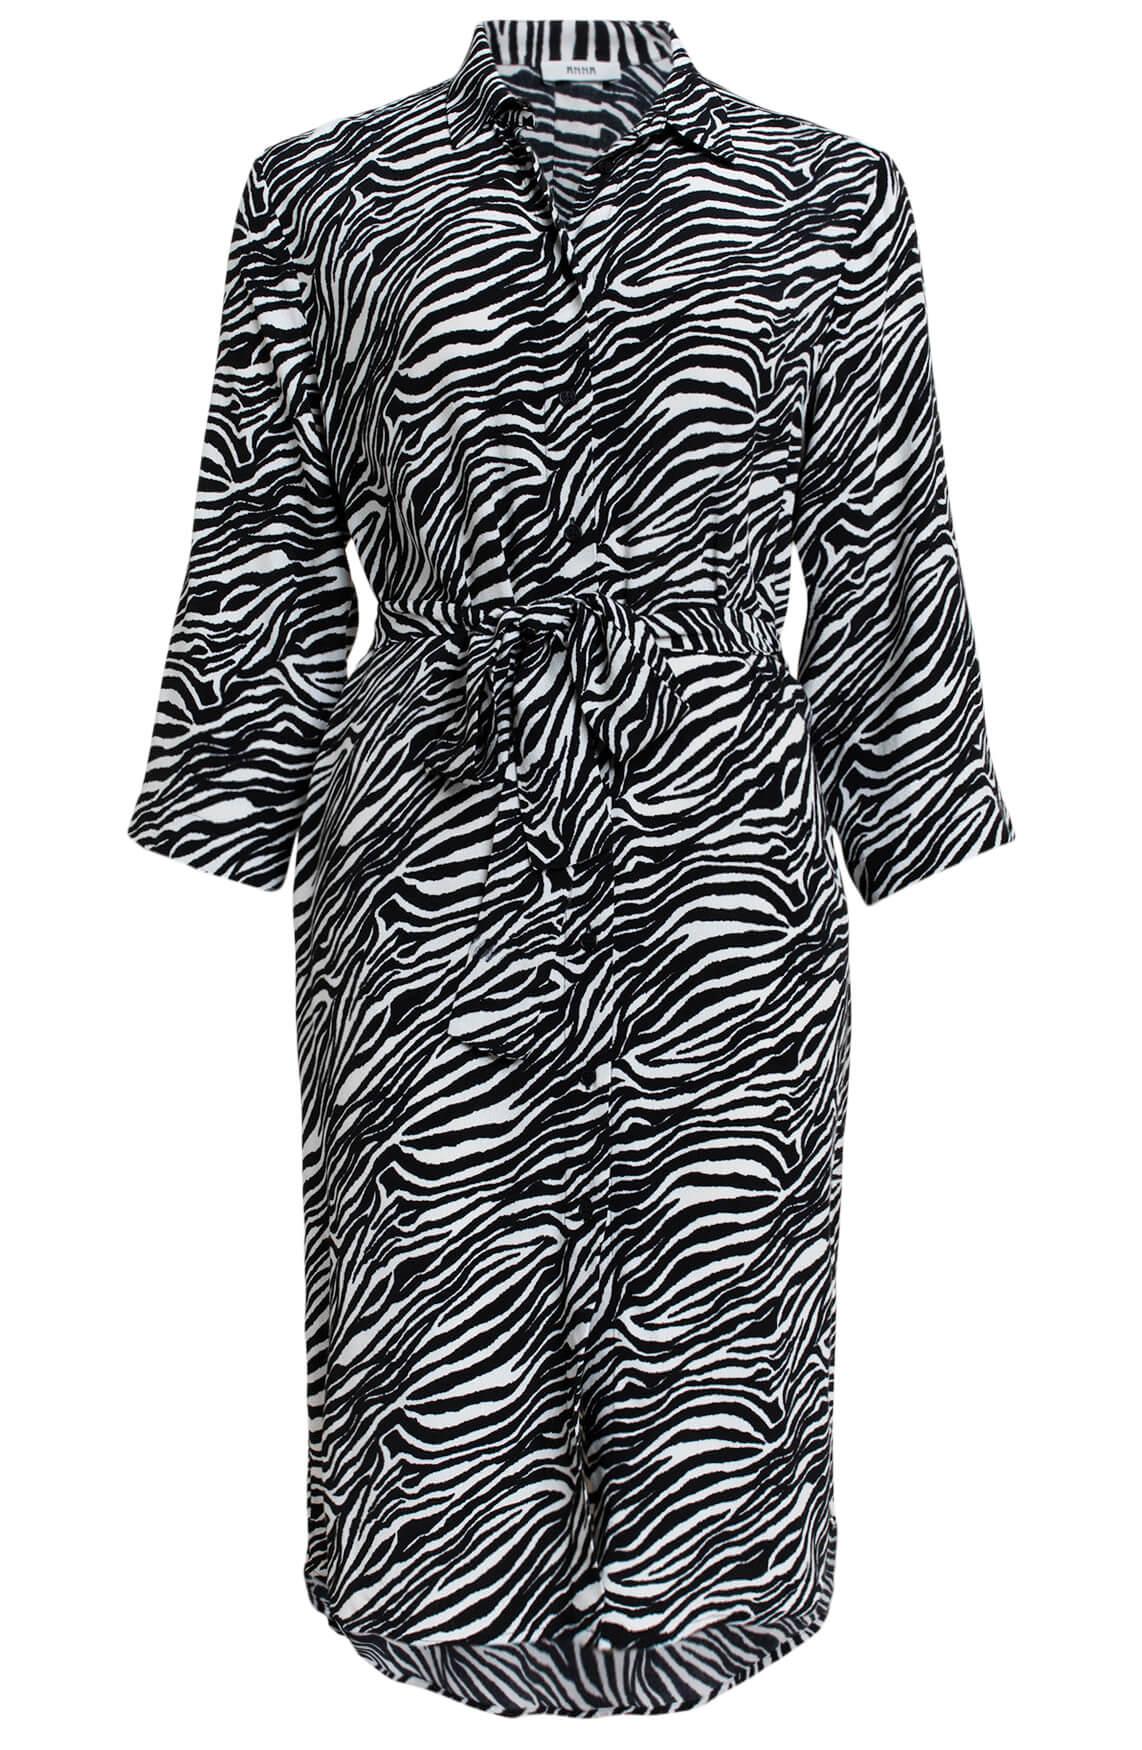 Anna Dames Zebra jurk zwart